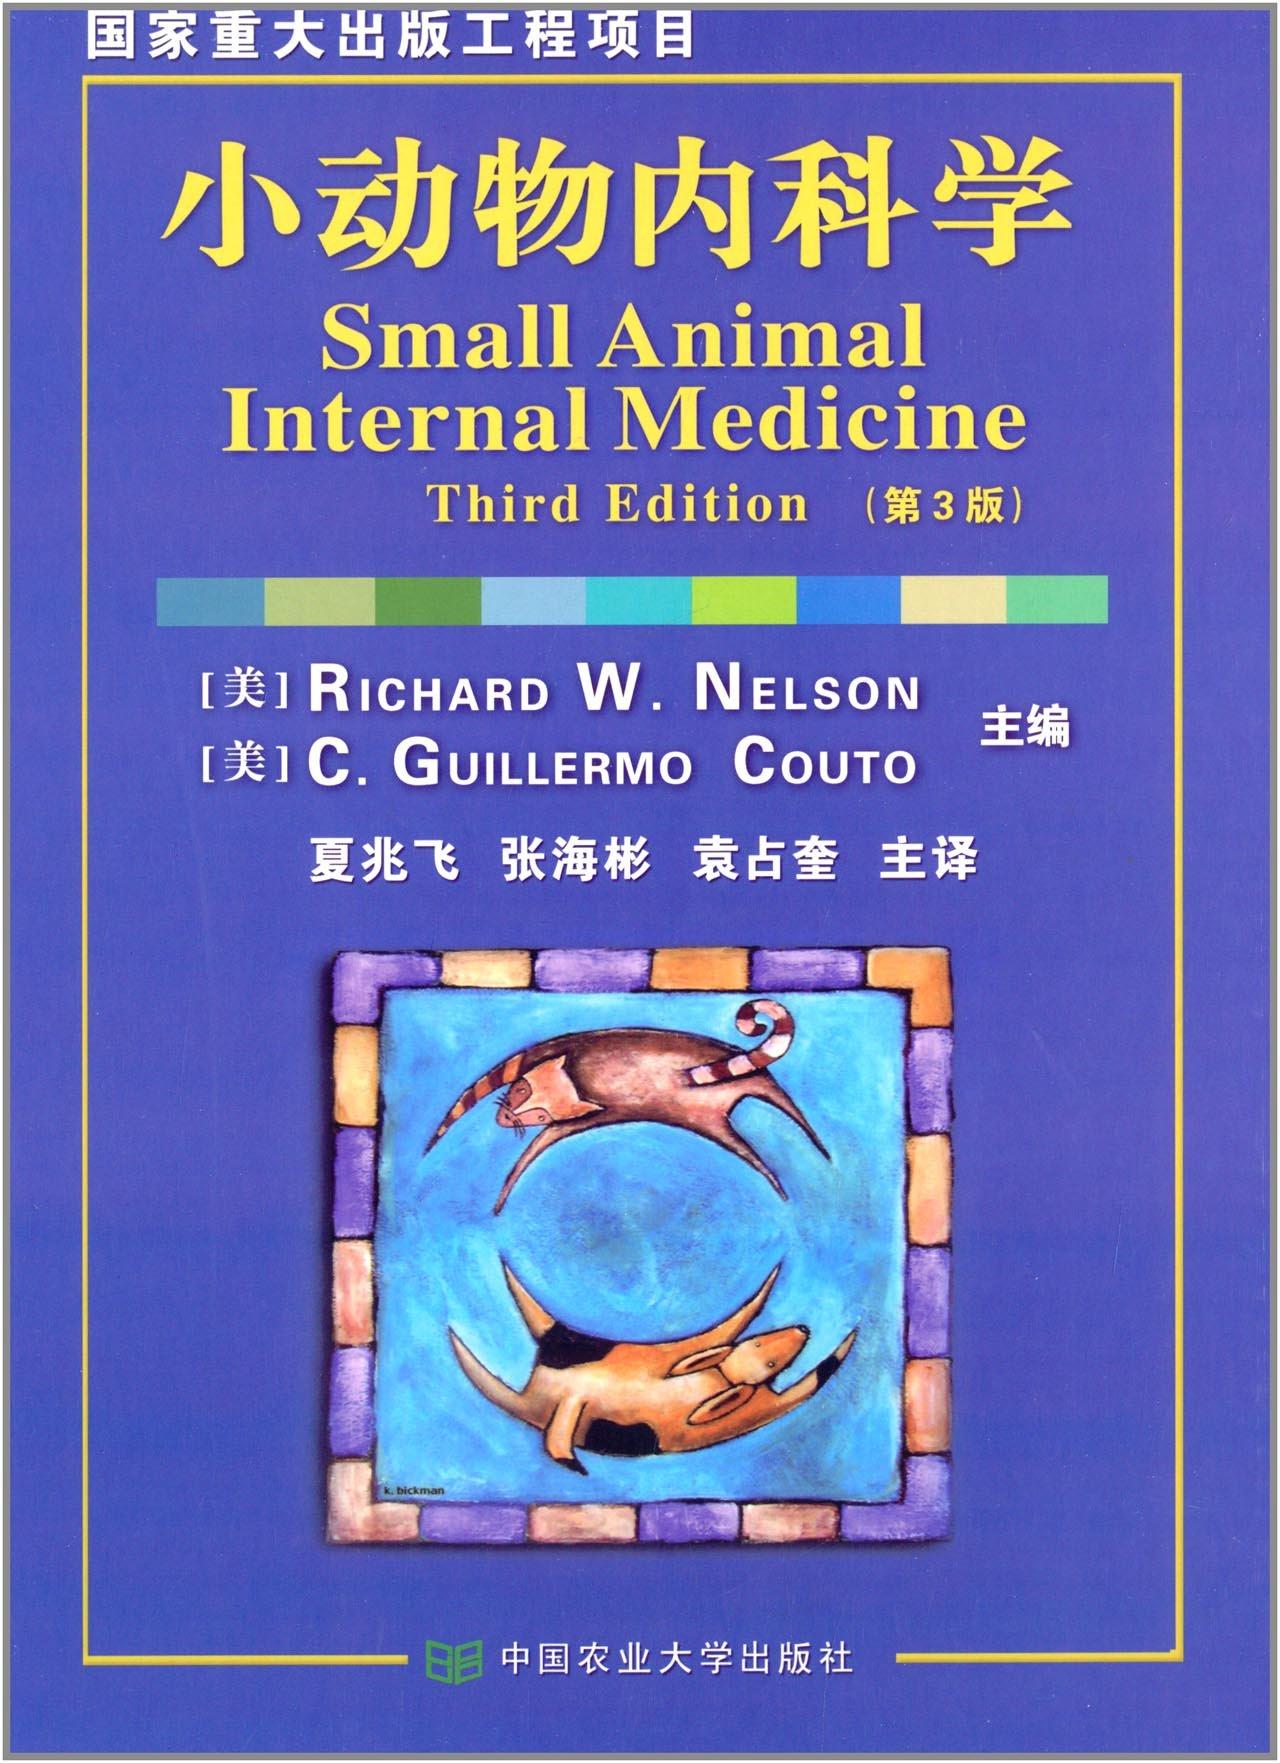 小动物内科学(国家重大出版工程项目).pdf